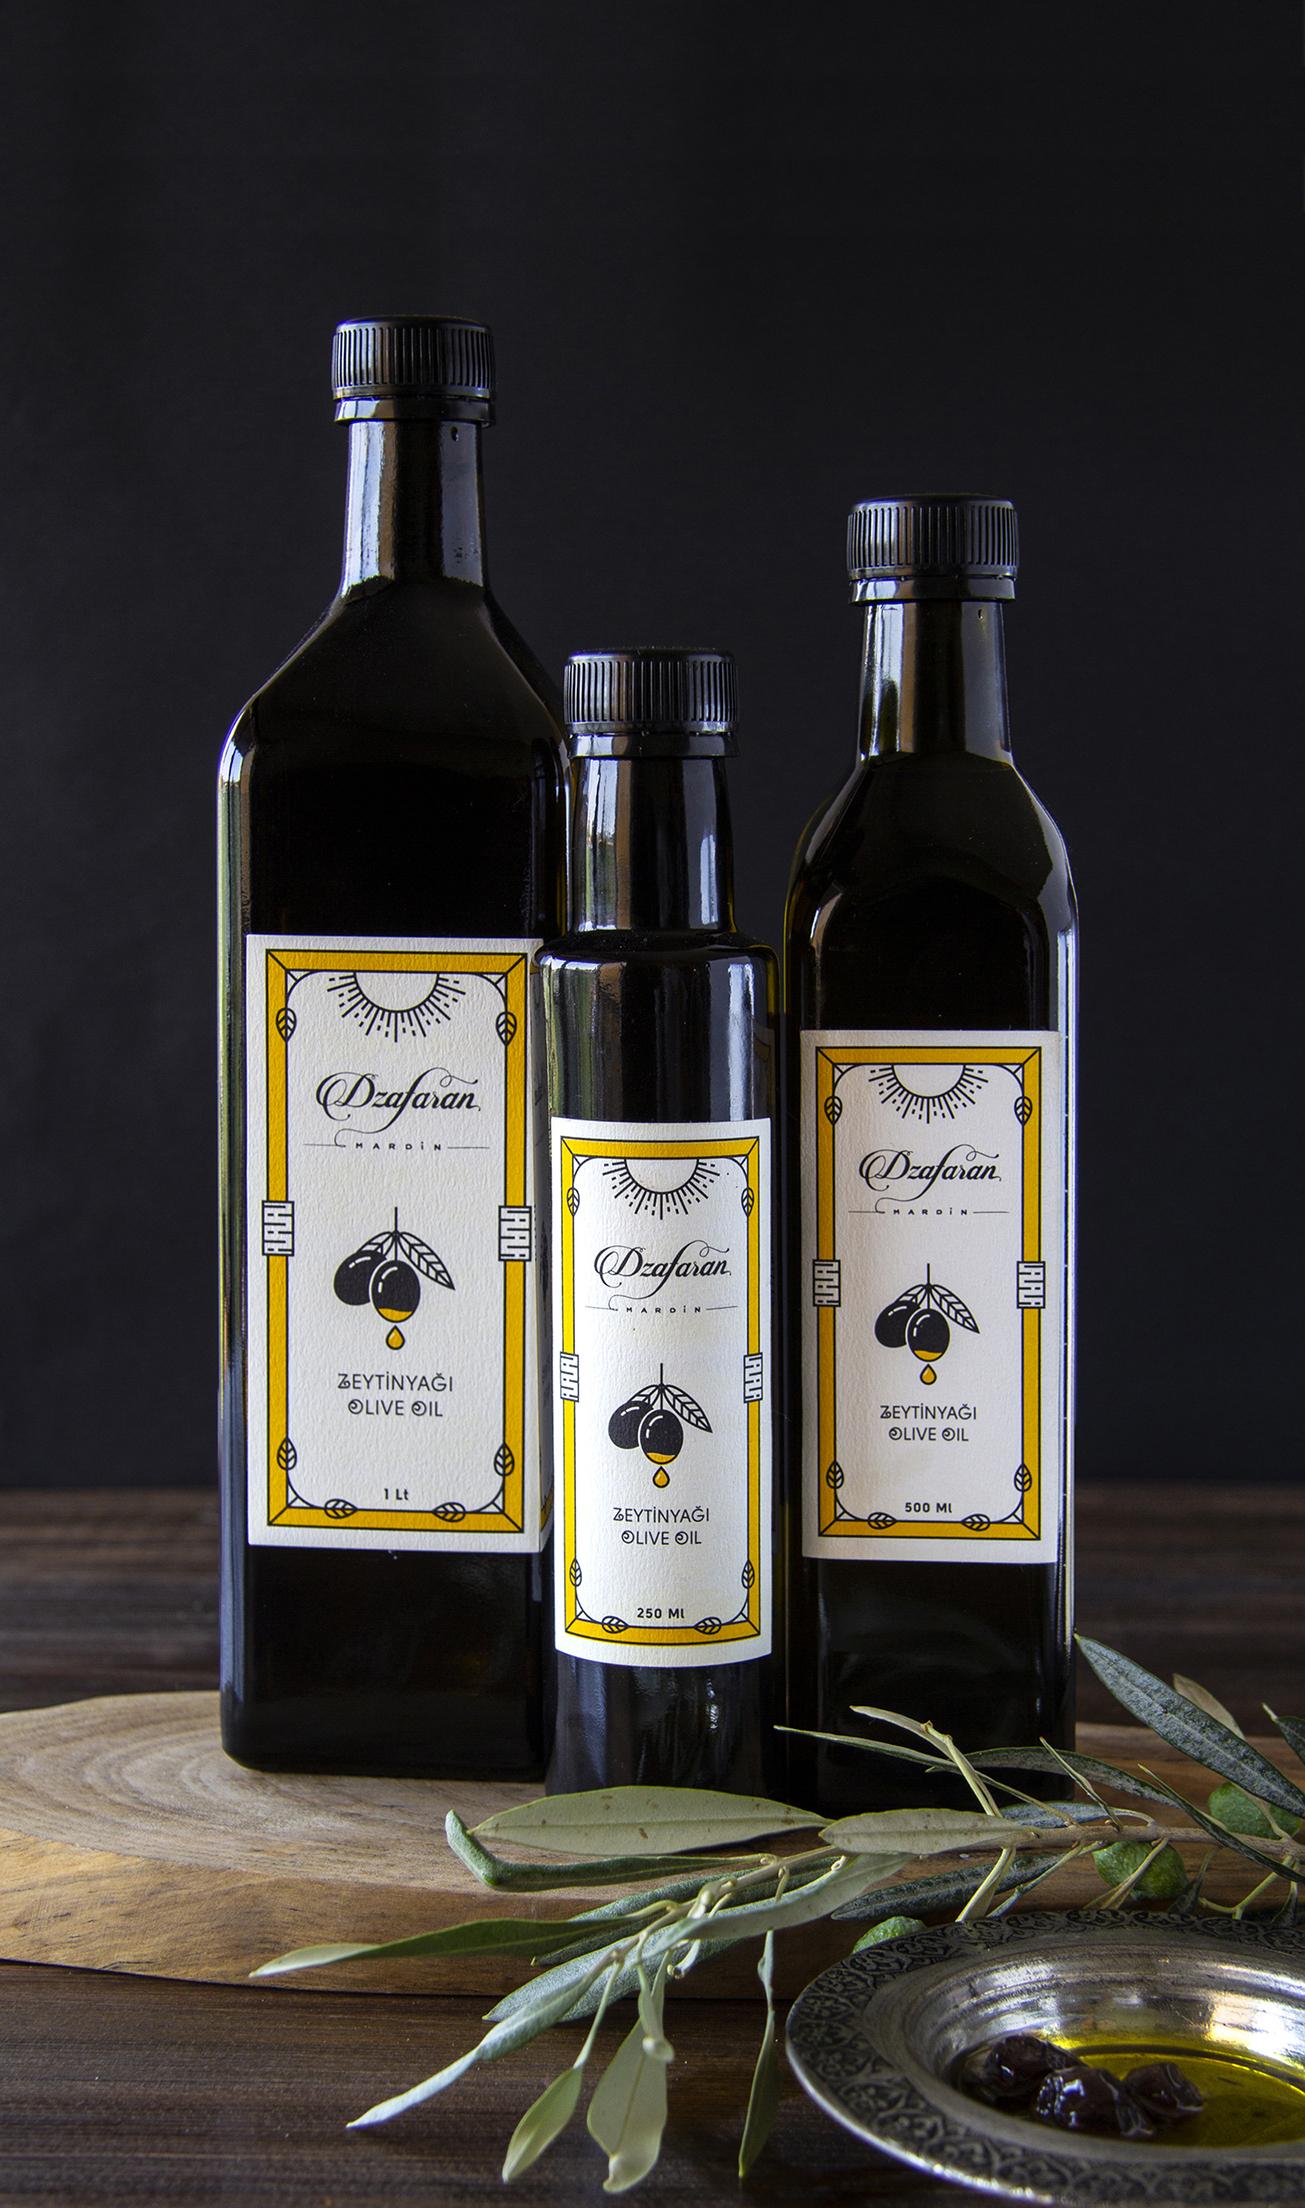 Packaging and Branding Design for Dzafaran by Kursat Unsal